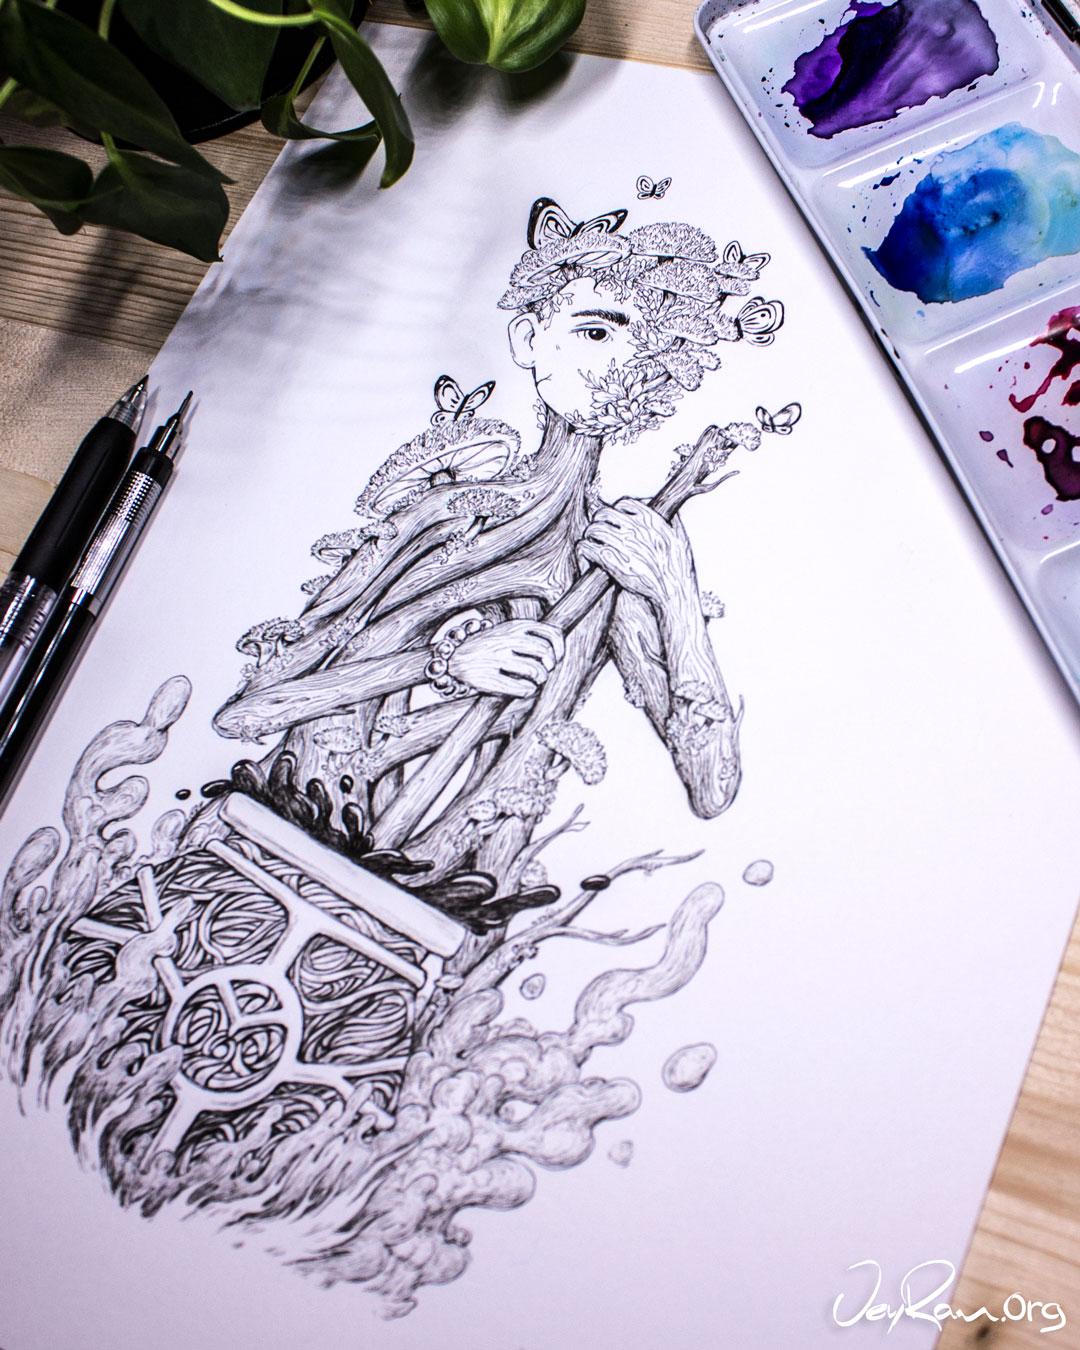 Cyptotrama Asprata  Wizard - Ballpoint Pen Ink Art by JeyRam. #inktober #inkart #originalart #inktober2019 #mushroom #fungi